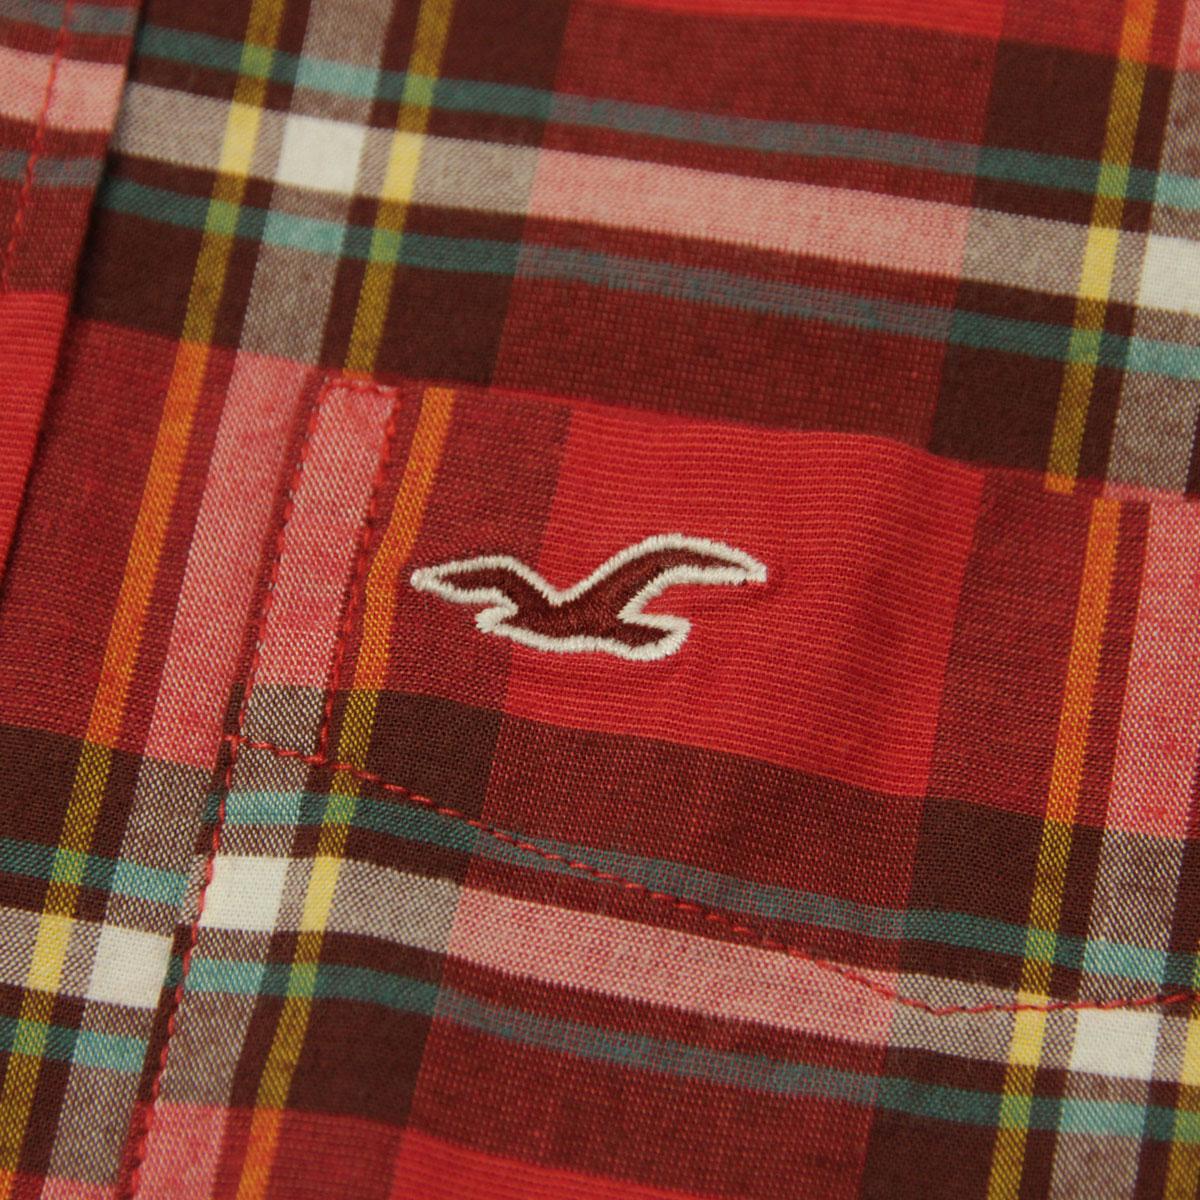 霍利斯特霍利斯特 AE 男式长袖衬衫格子府绸衬衫史诗 Flex 苗条适合 325-259-1584年-508